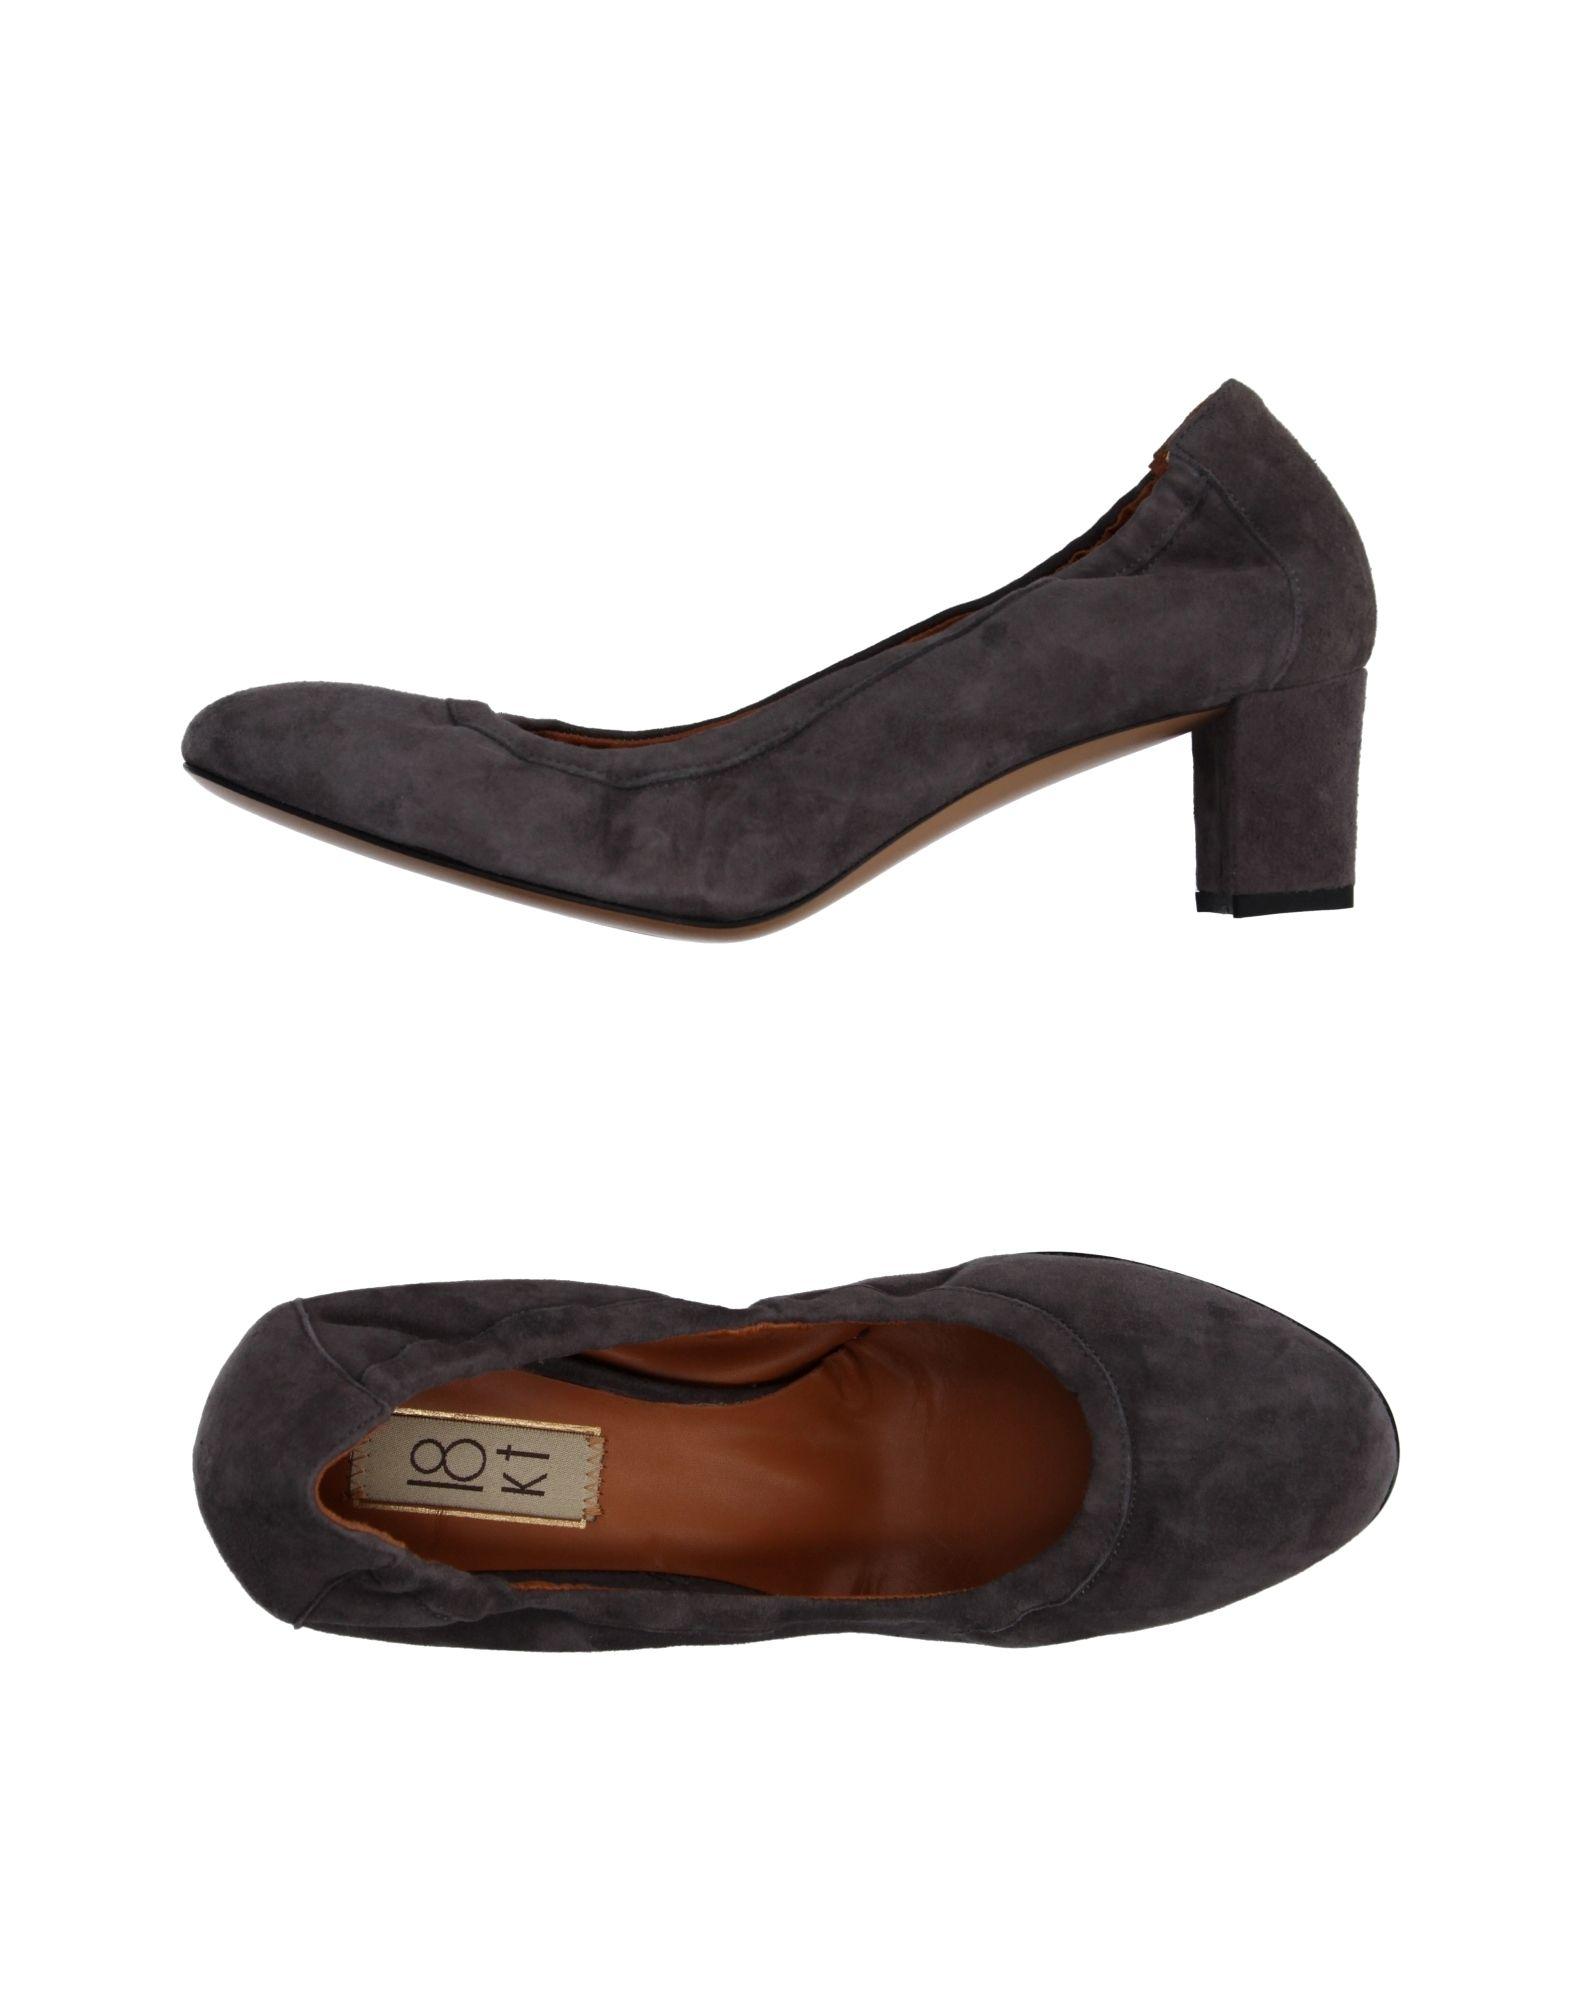 18 Kt Pumps Damen  Schuhe 11028557KL Gute Qualität beliebte Schuhe  5cee4a